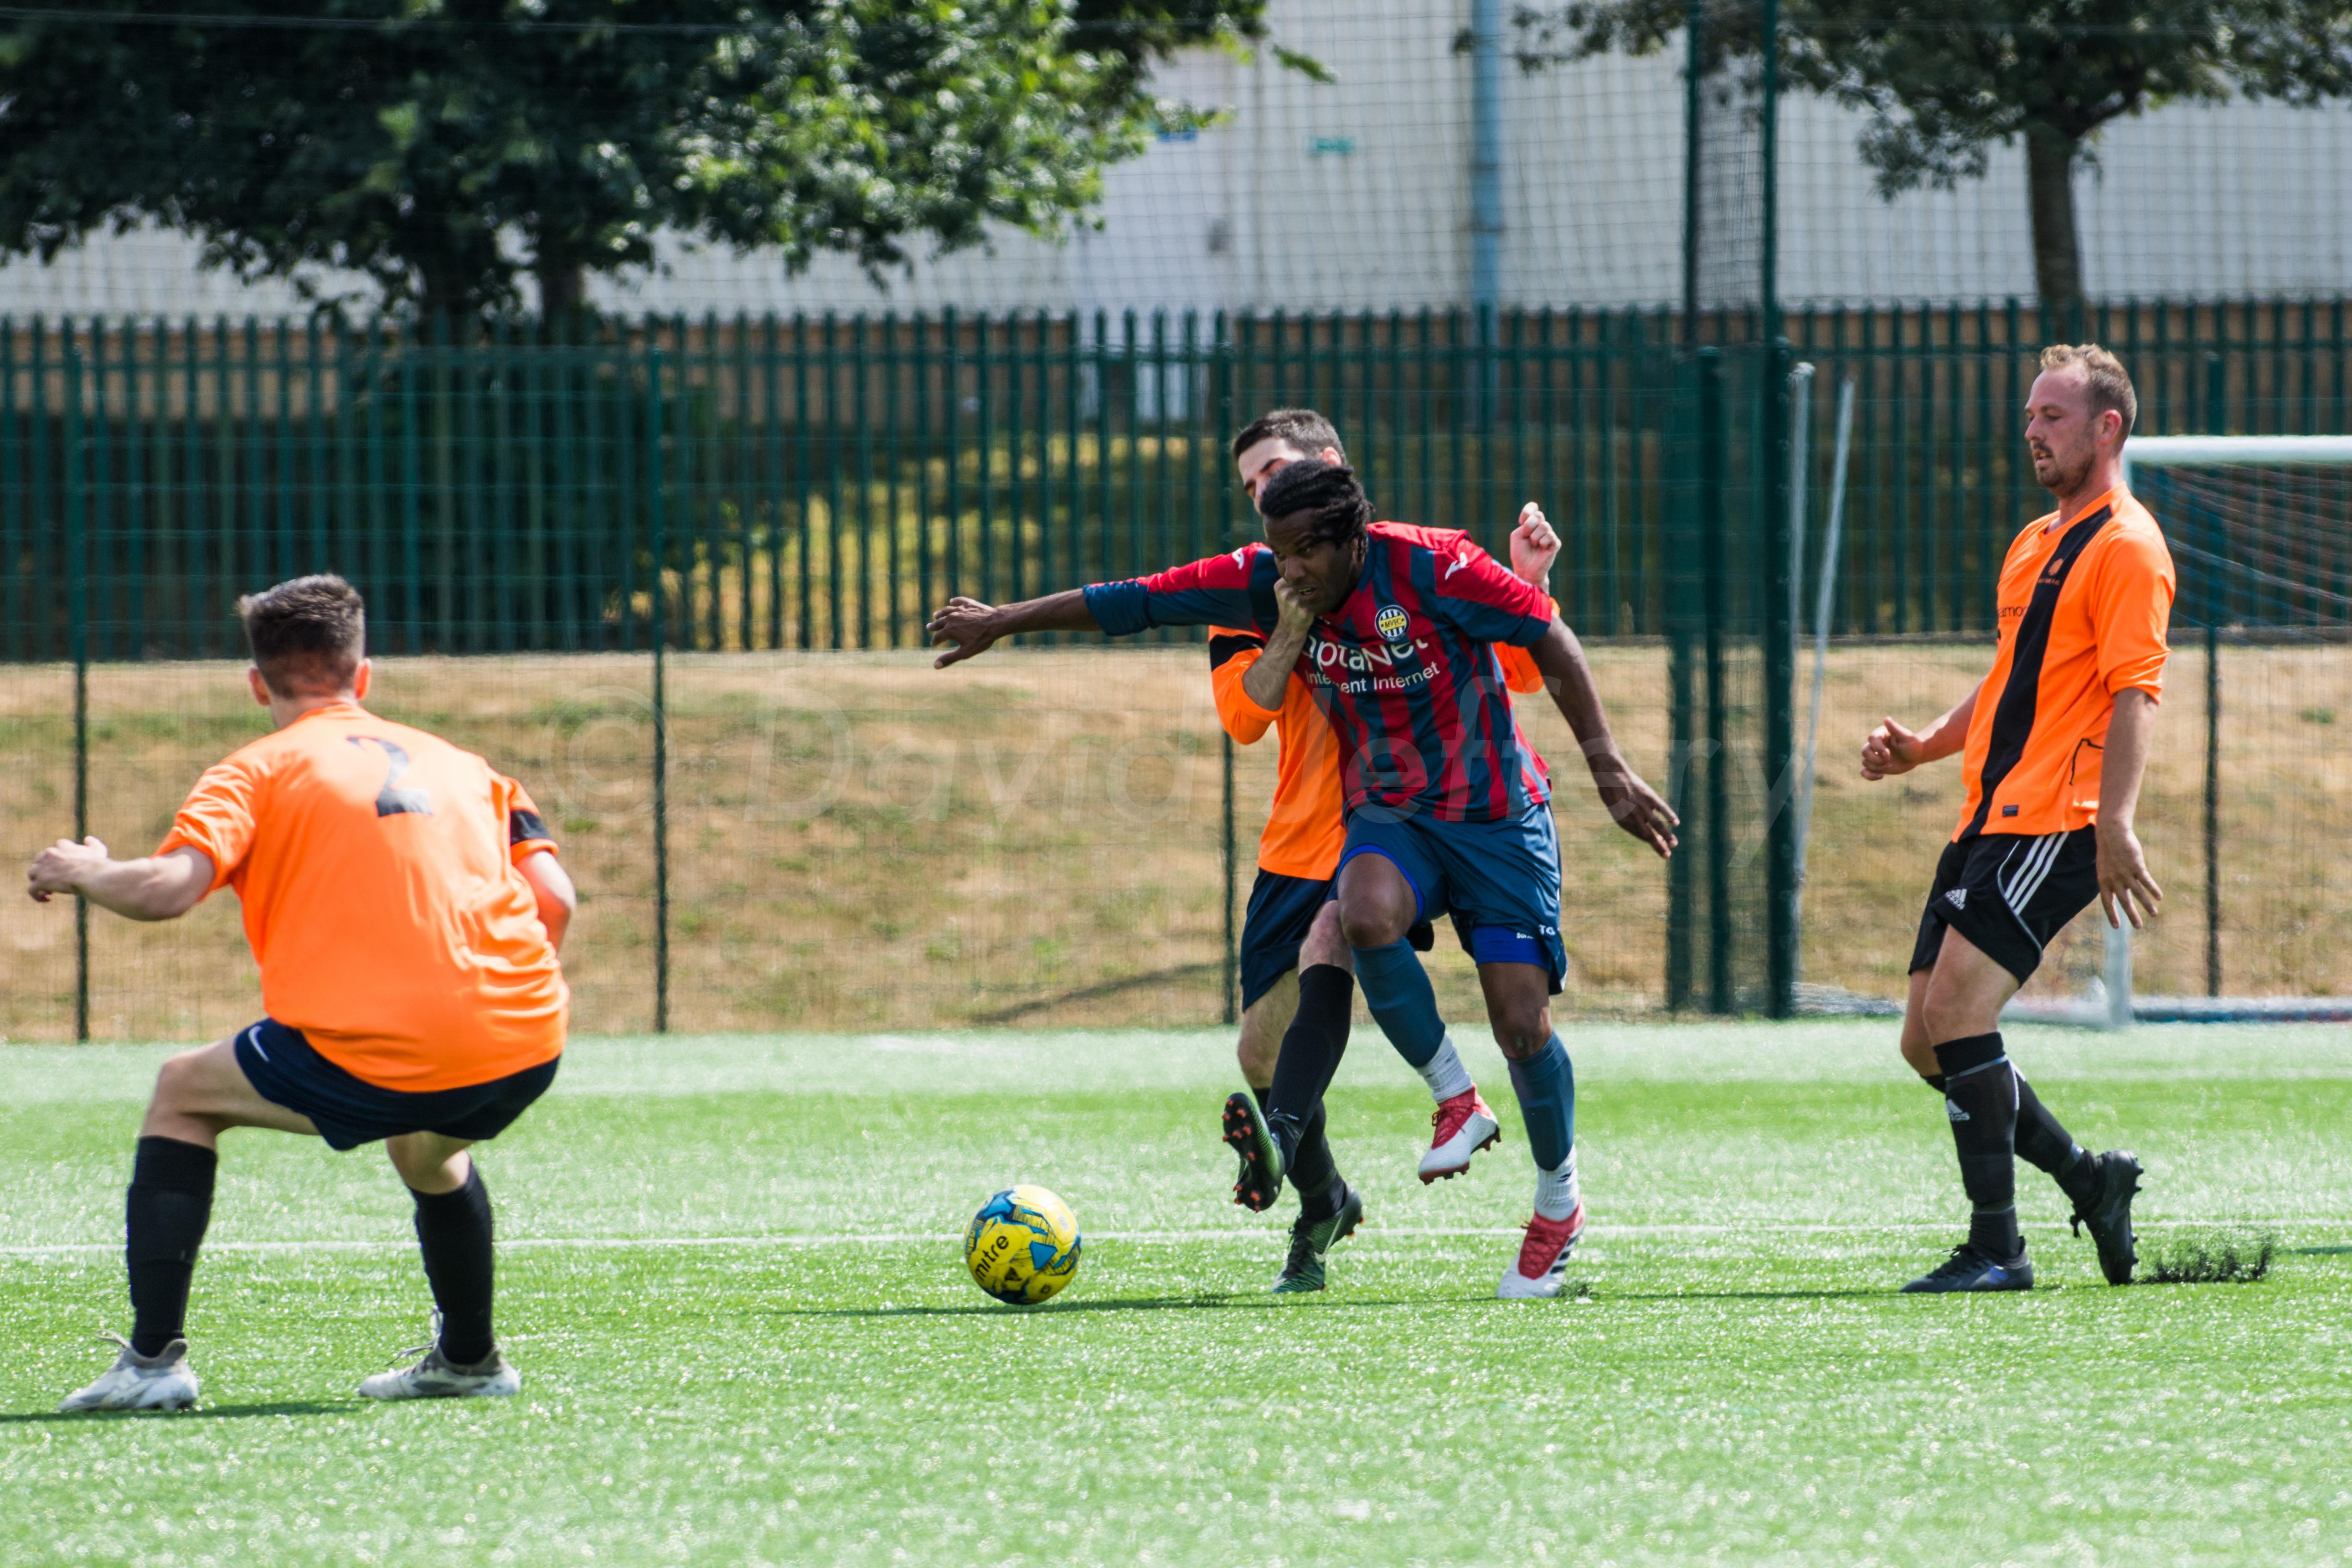 DAVID_JEFFERY Montpellier Villa vs Mile Oak FC 21.07.18 0013